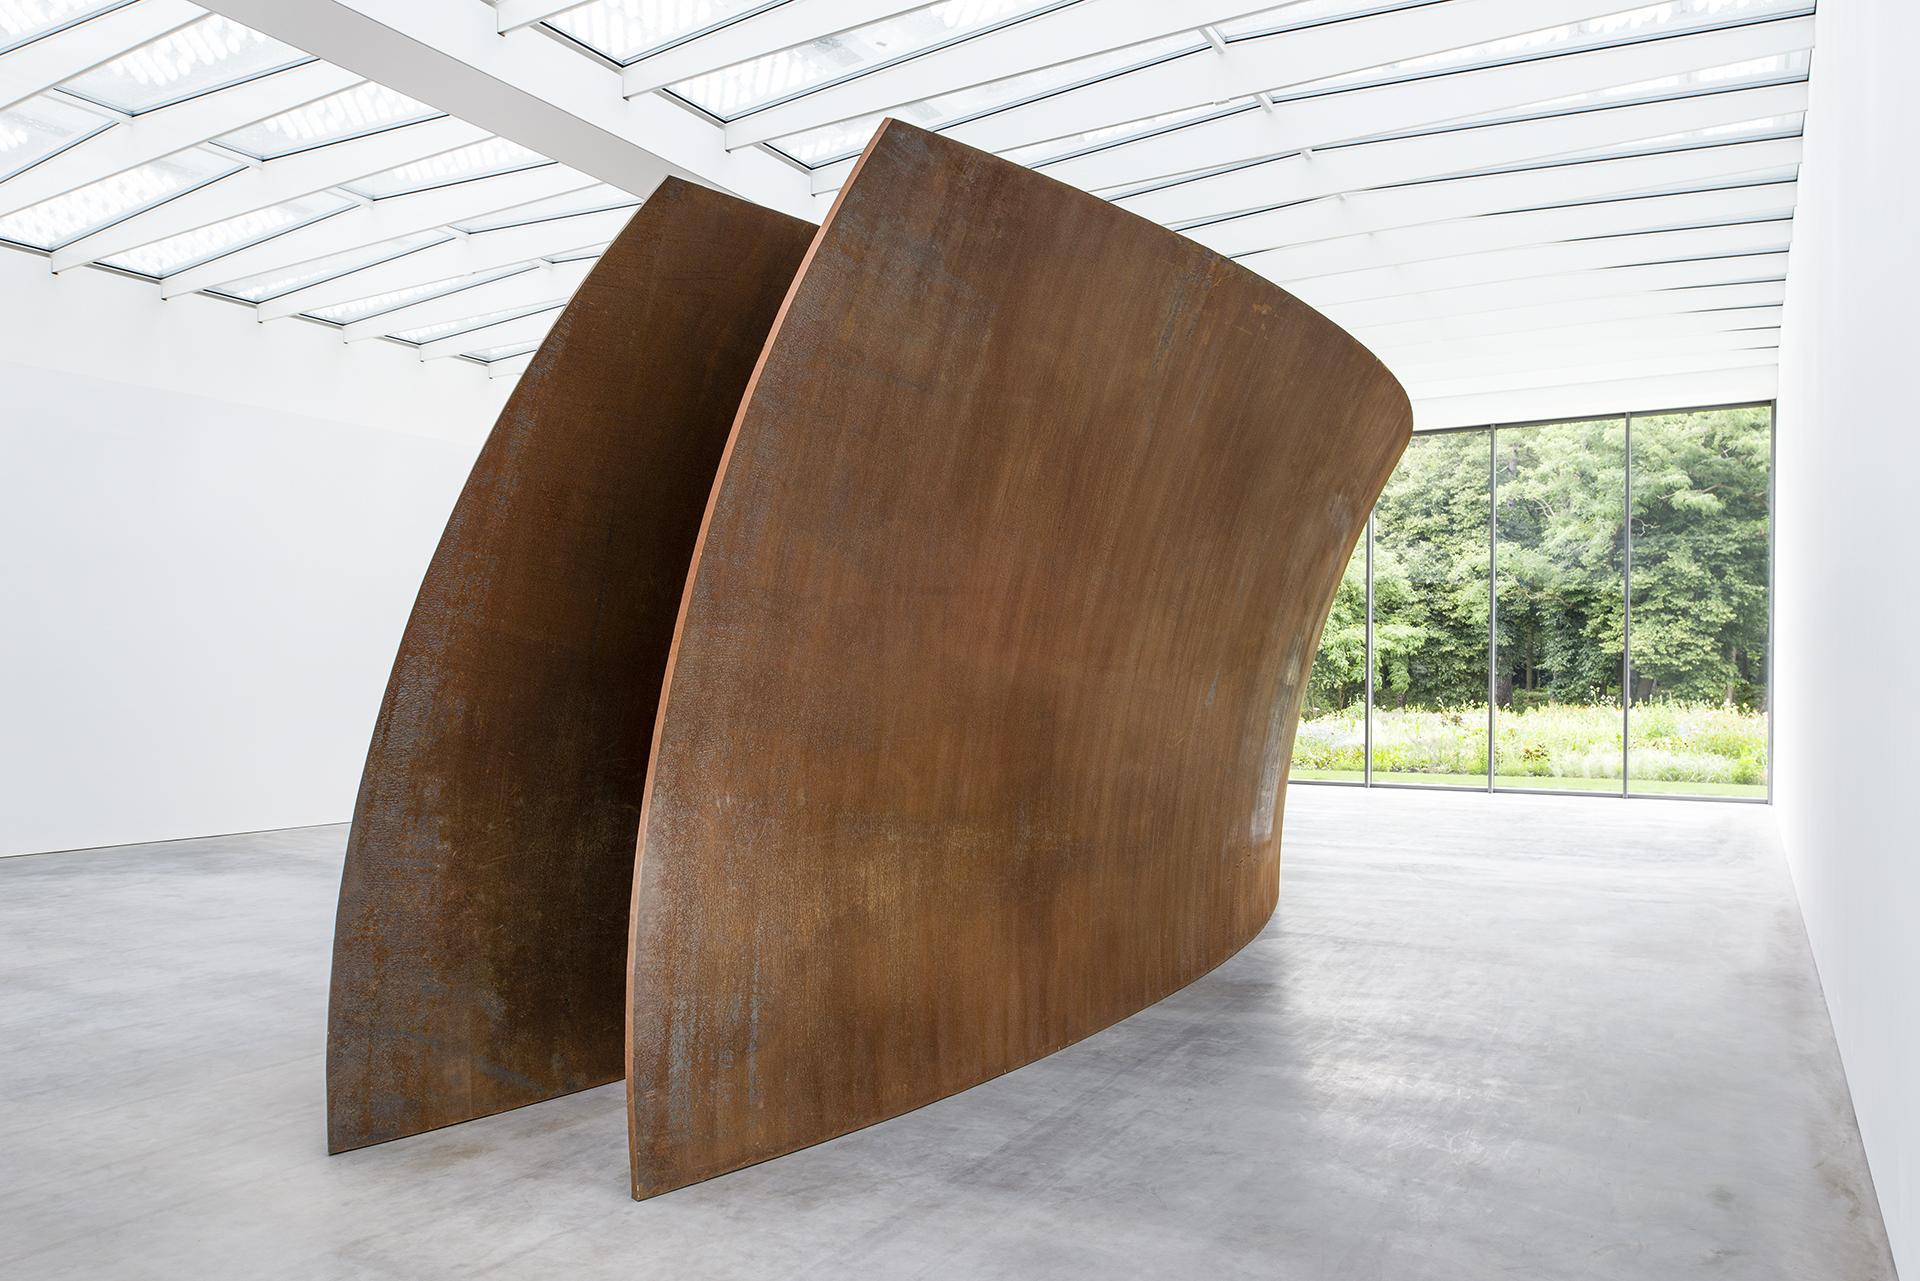 Open Ended van Richard Serra in museum Voorlinden